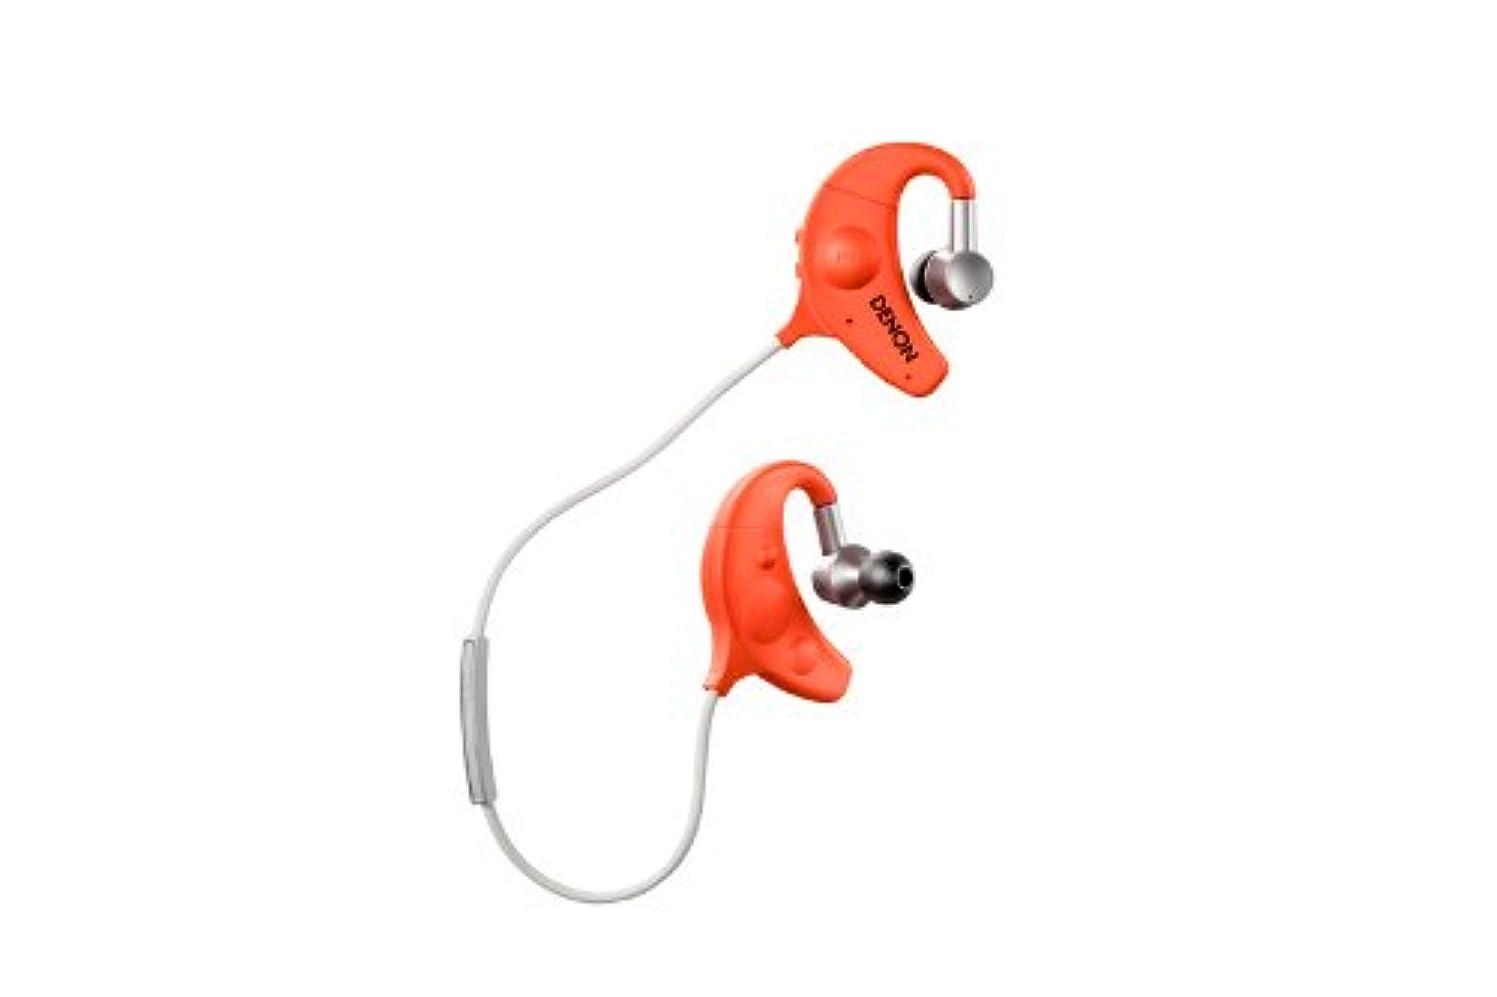 滅びる液化する計算するDENON EXERCISE FREAK インナーイヤーヘッドホン Bluetooth対応ワイヤレス オレンジ AH-W150-OR